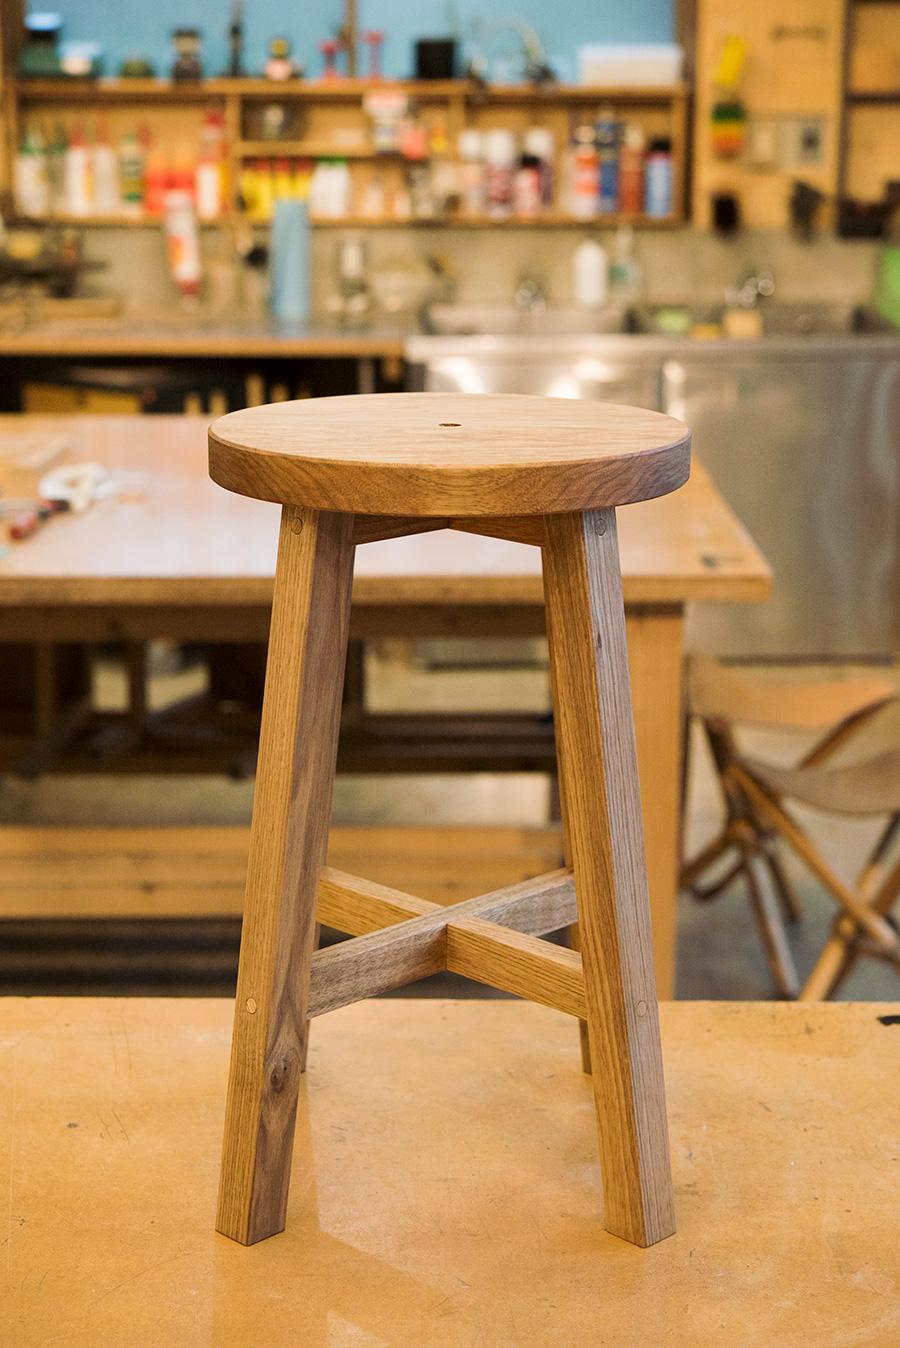 座面まで組み合わせるとこの形に。第2回では美しく組み立てるポイントを詳説する。